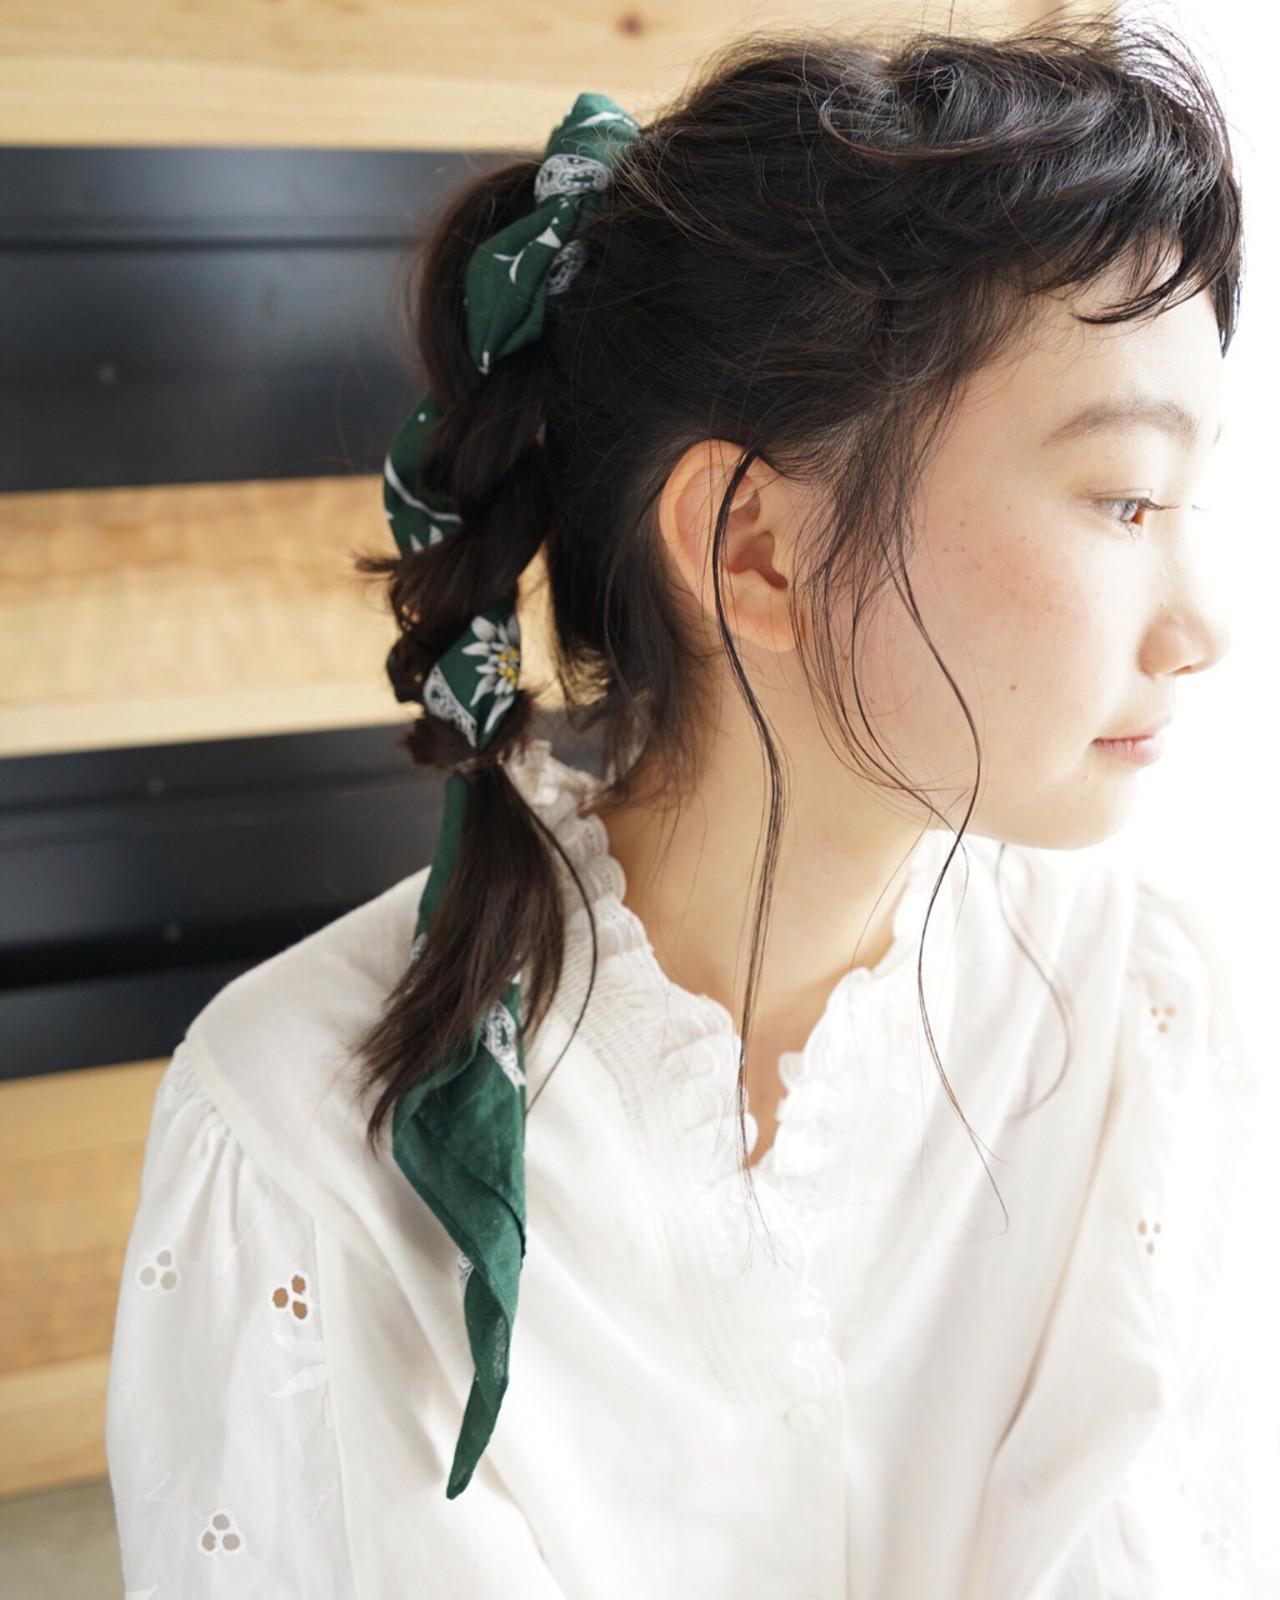 編み込み アンニュイ ロング 抜け感 ヘアスタイルや髪型の写真・画像 | 佐野 正人 / nanuk / nanuk